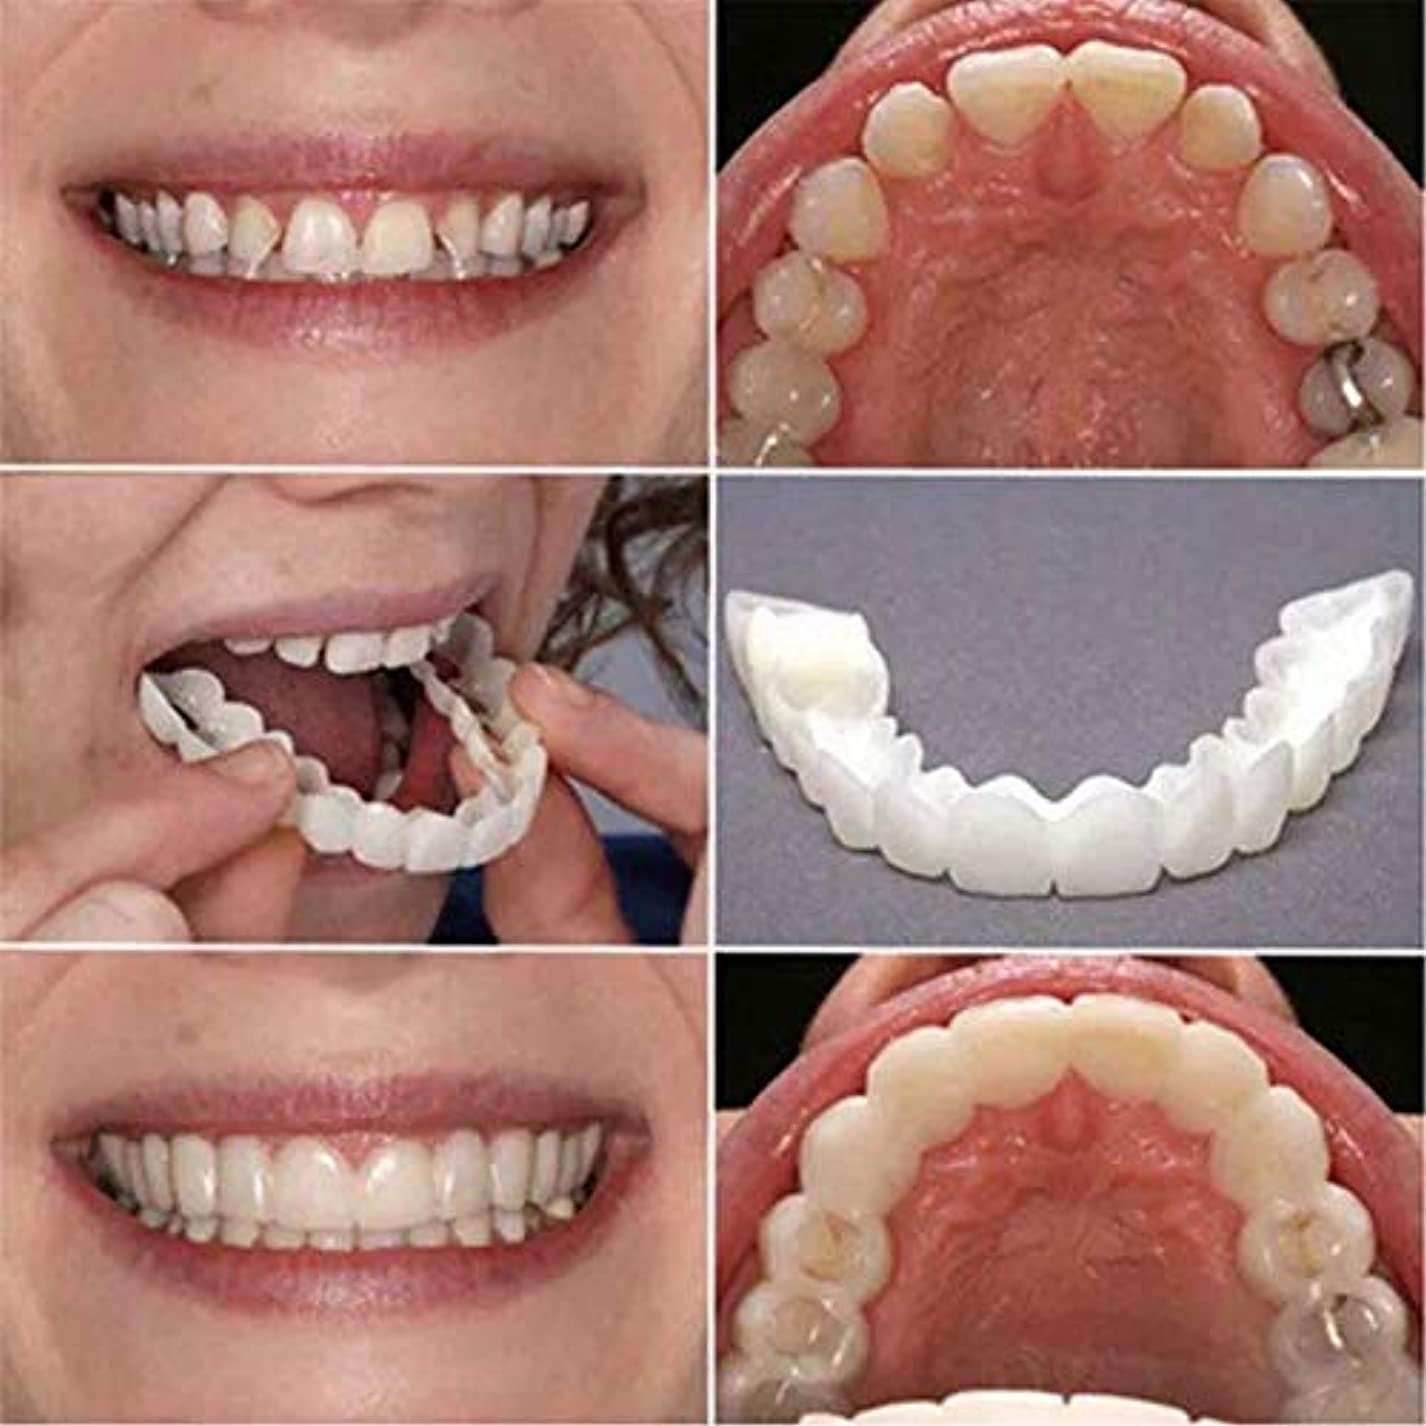 対処ハンディキャップ相続人2個の歯ピースフィッティング快適なフィット歯のソケット義歯口腔用品矯正アクセティース 笑顔を保つ